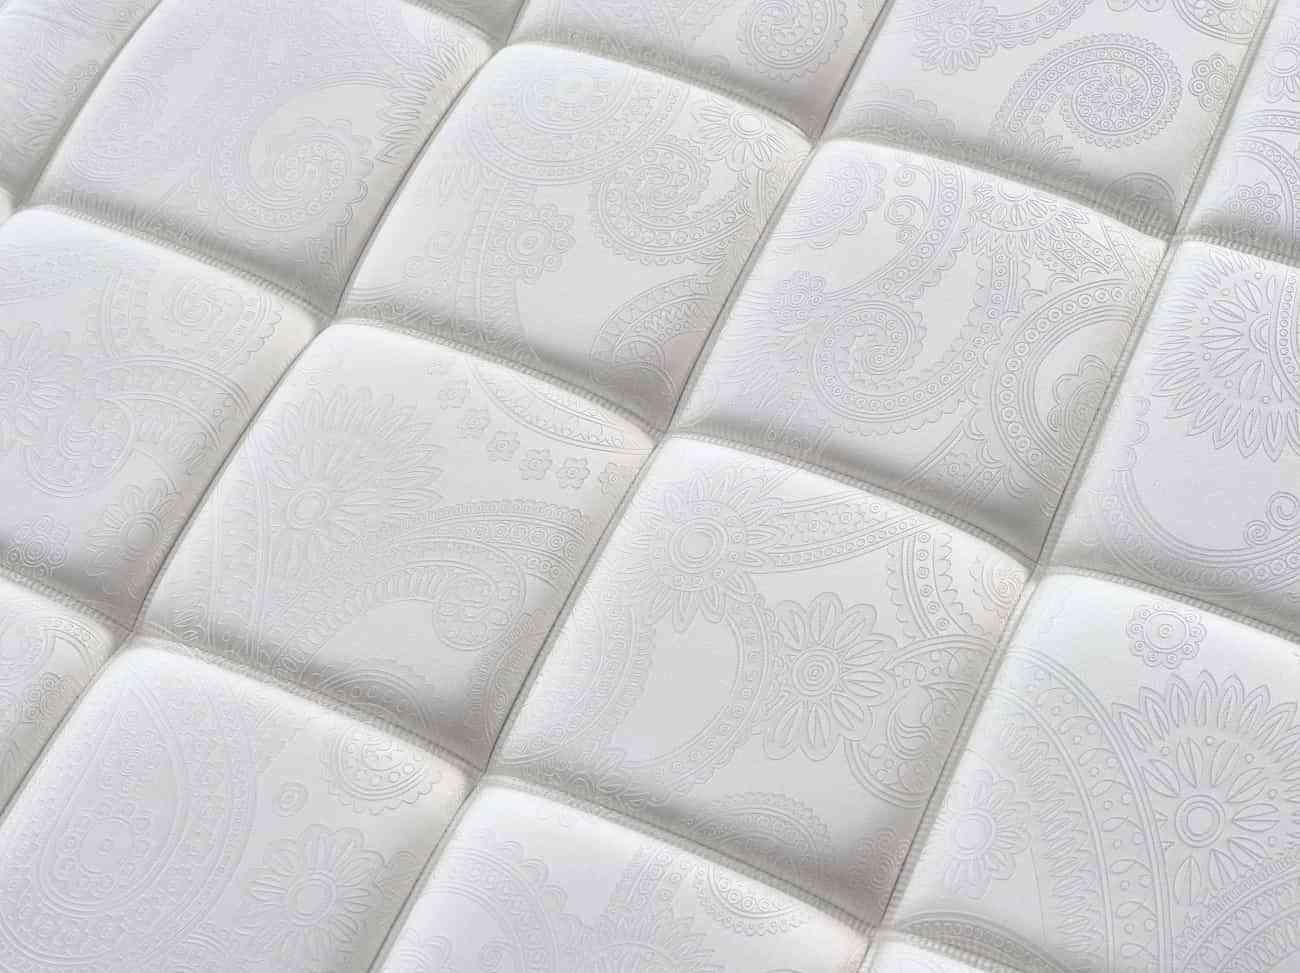 QUIÉTUDE de Senttix, un colchón para un descanso reparador 4